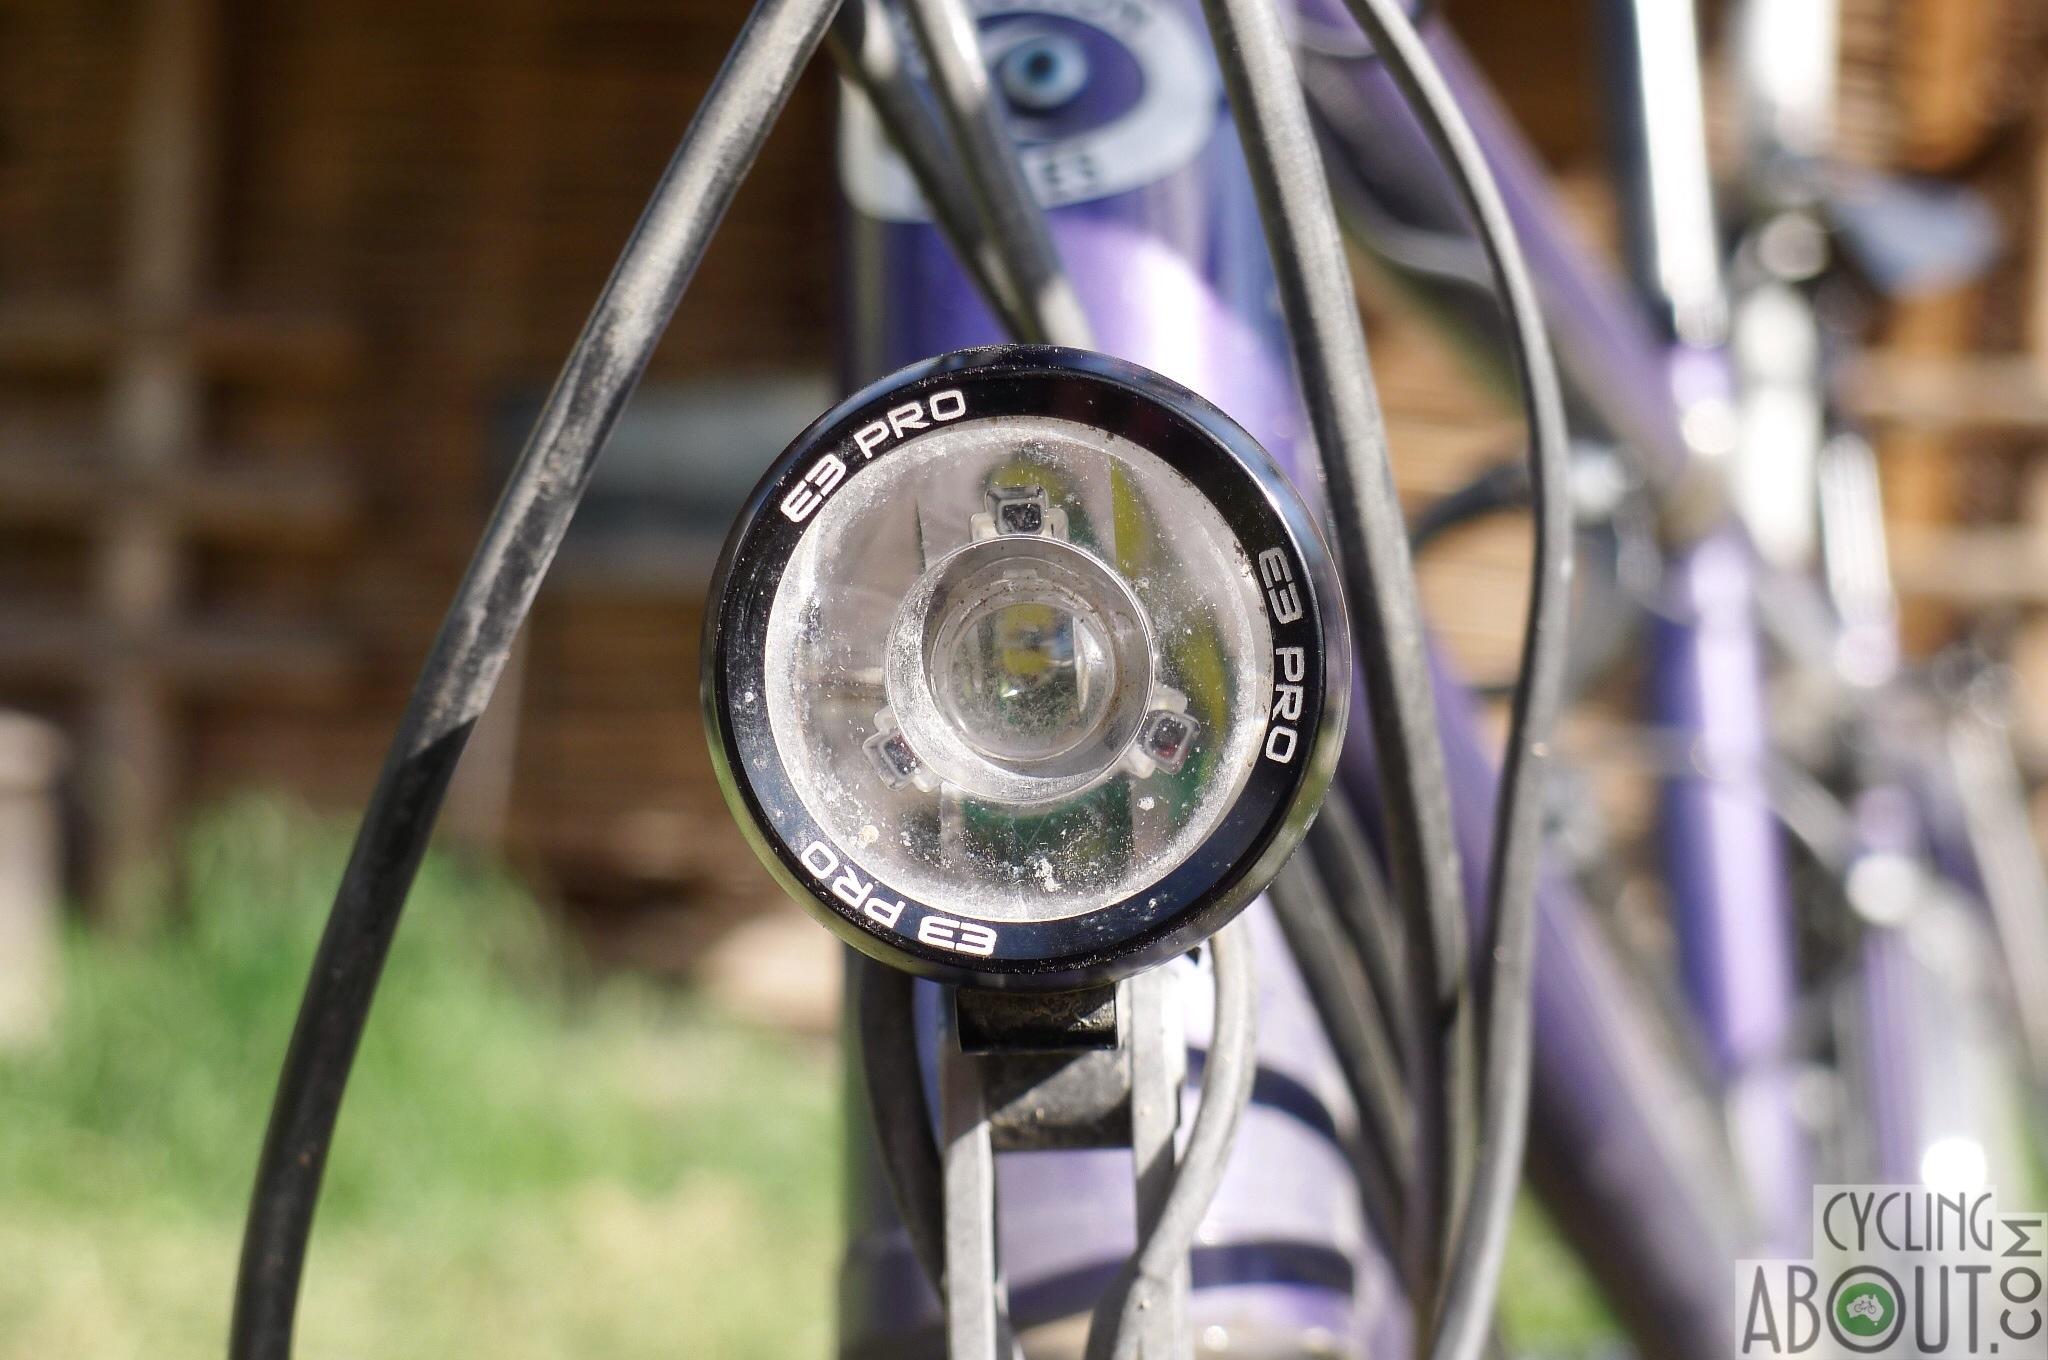 Review Supernova E3 Pro Dynamo Lights Cyclingabout